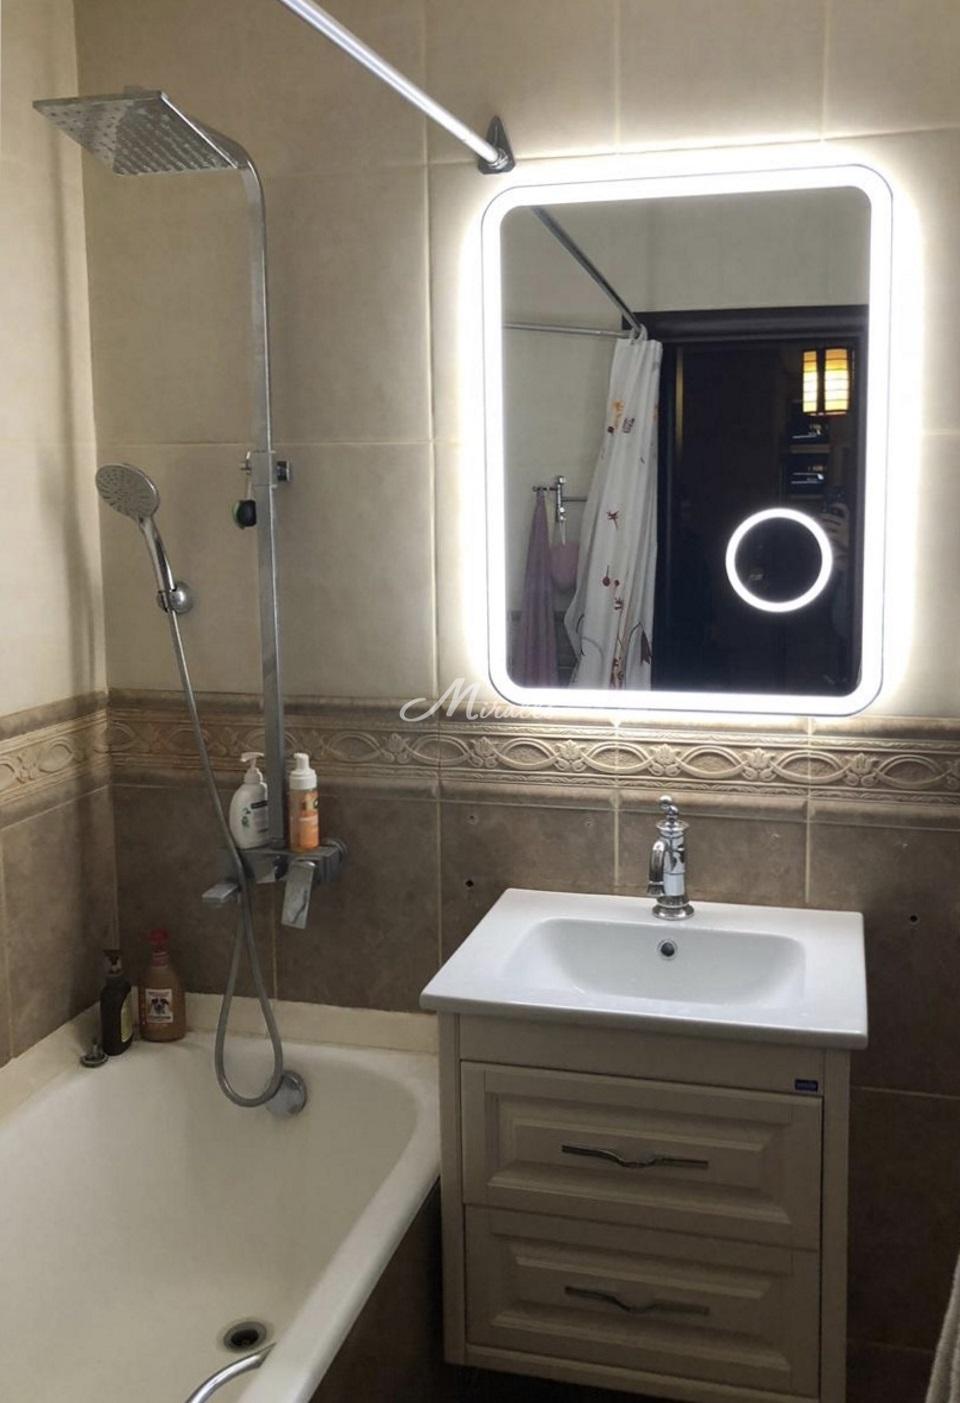 Зеркало Camelia в ванной комнате частной квартиры (Жемчужина Зеленограда)